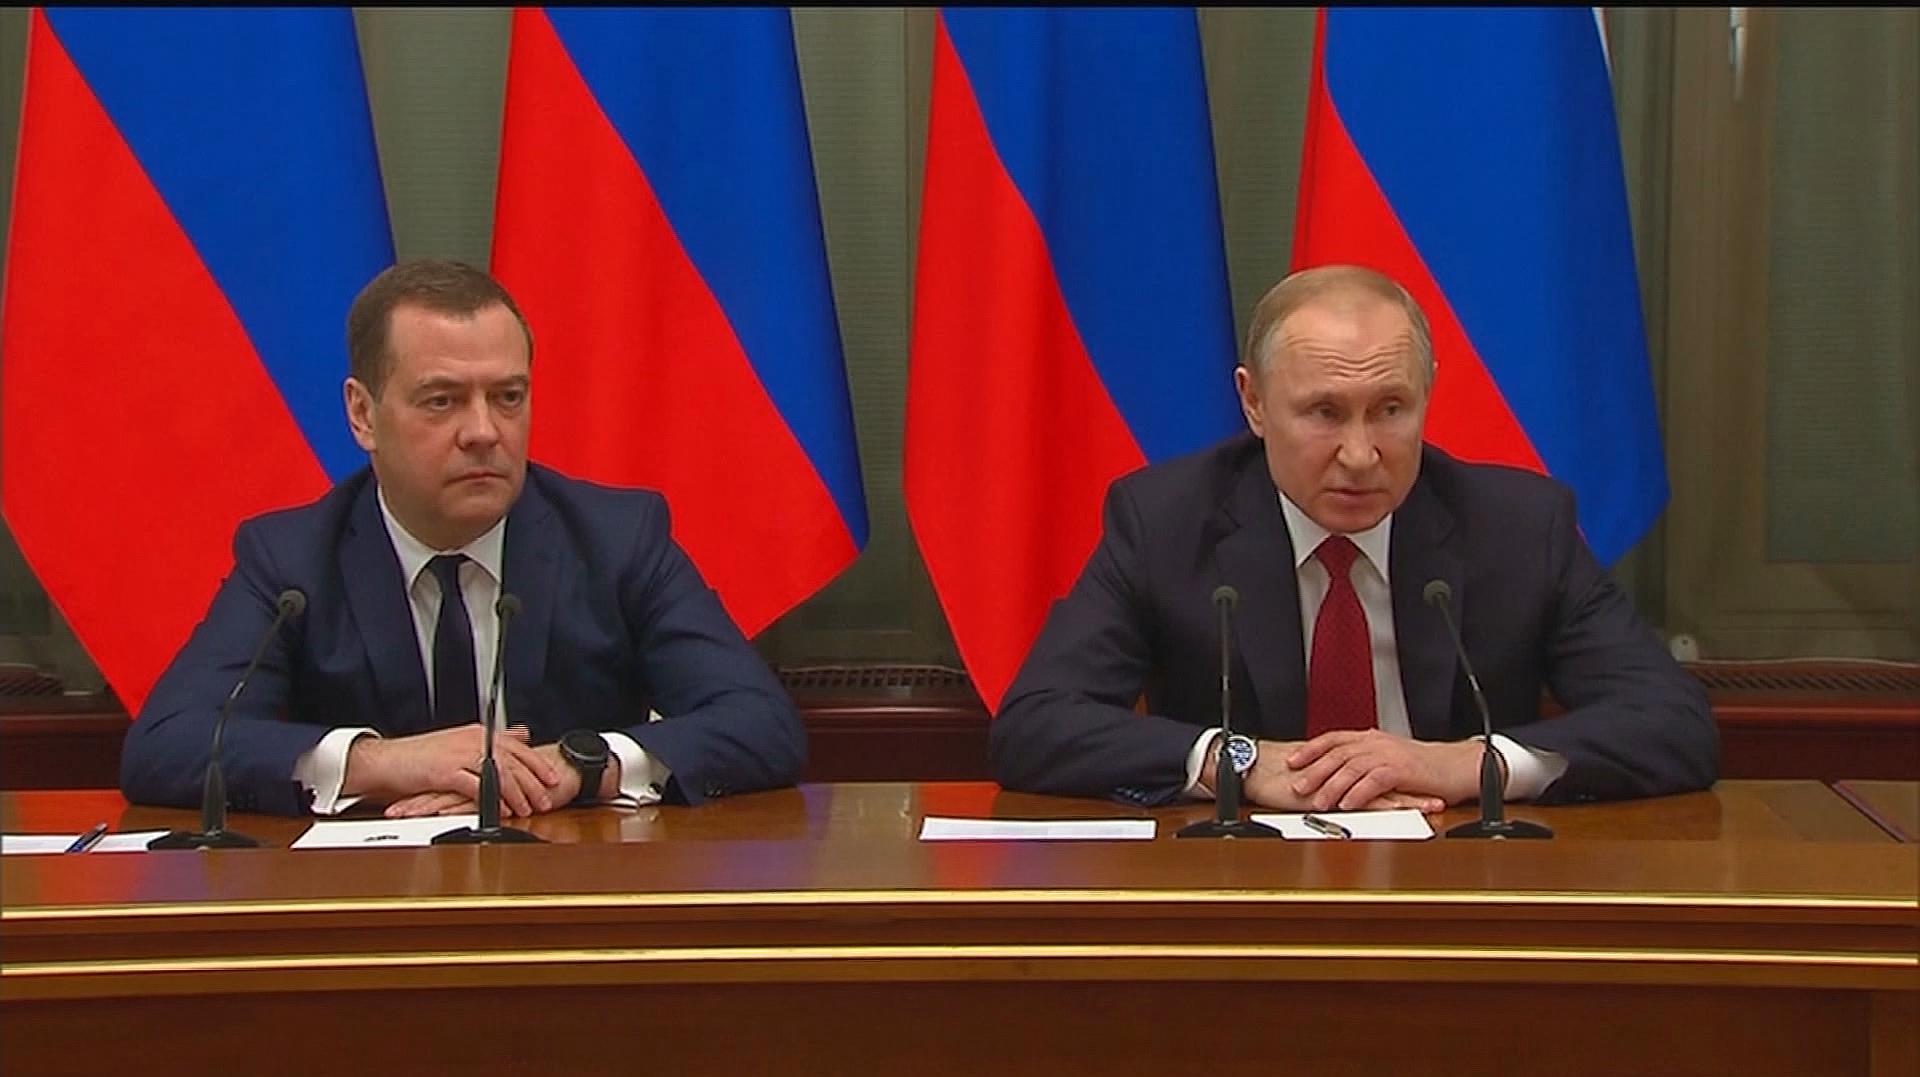 俄罗斯总理梅德韦杰夫宣布俄政府全体辞职